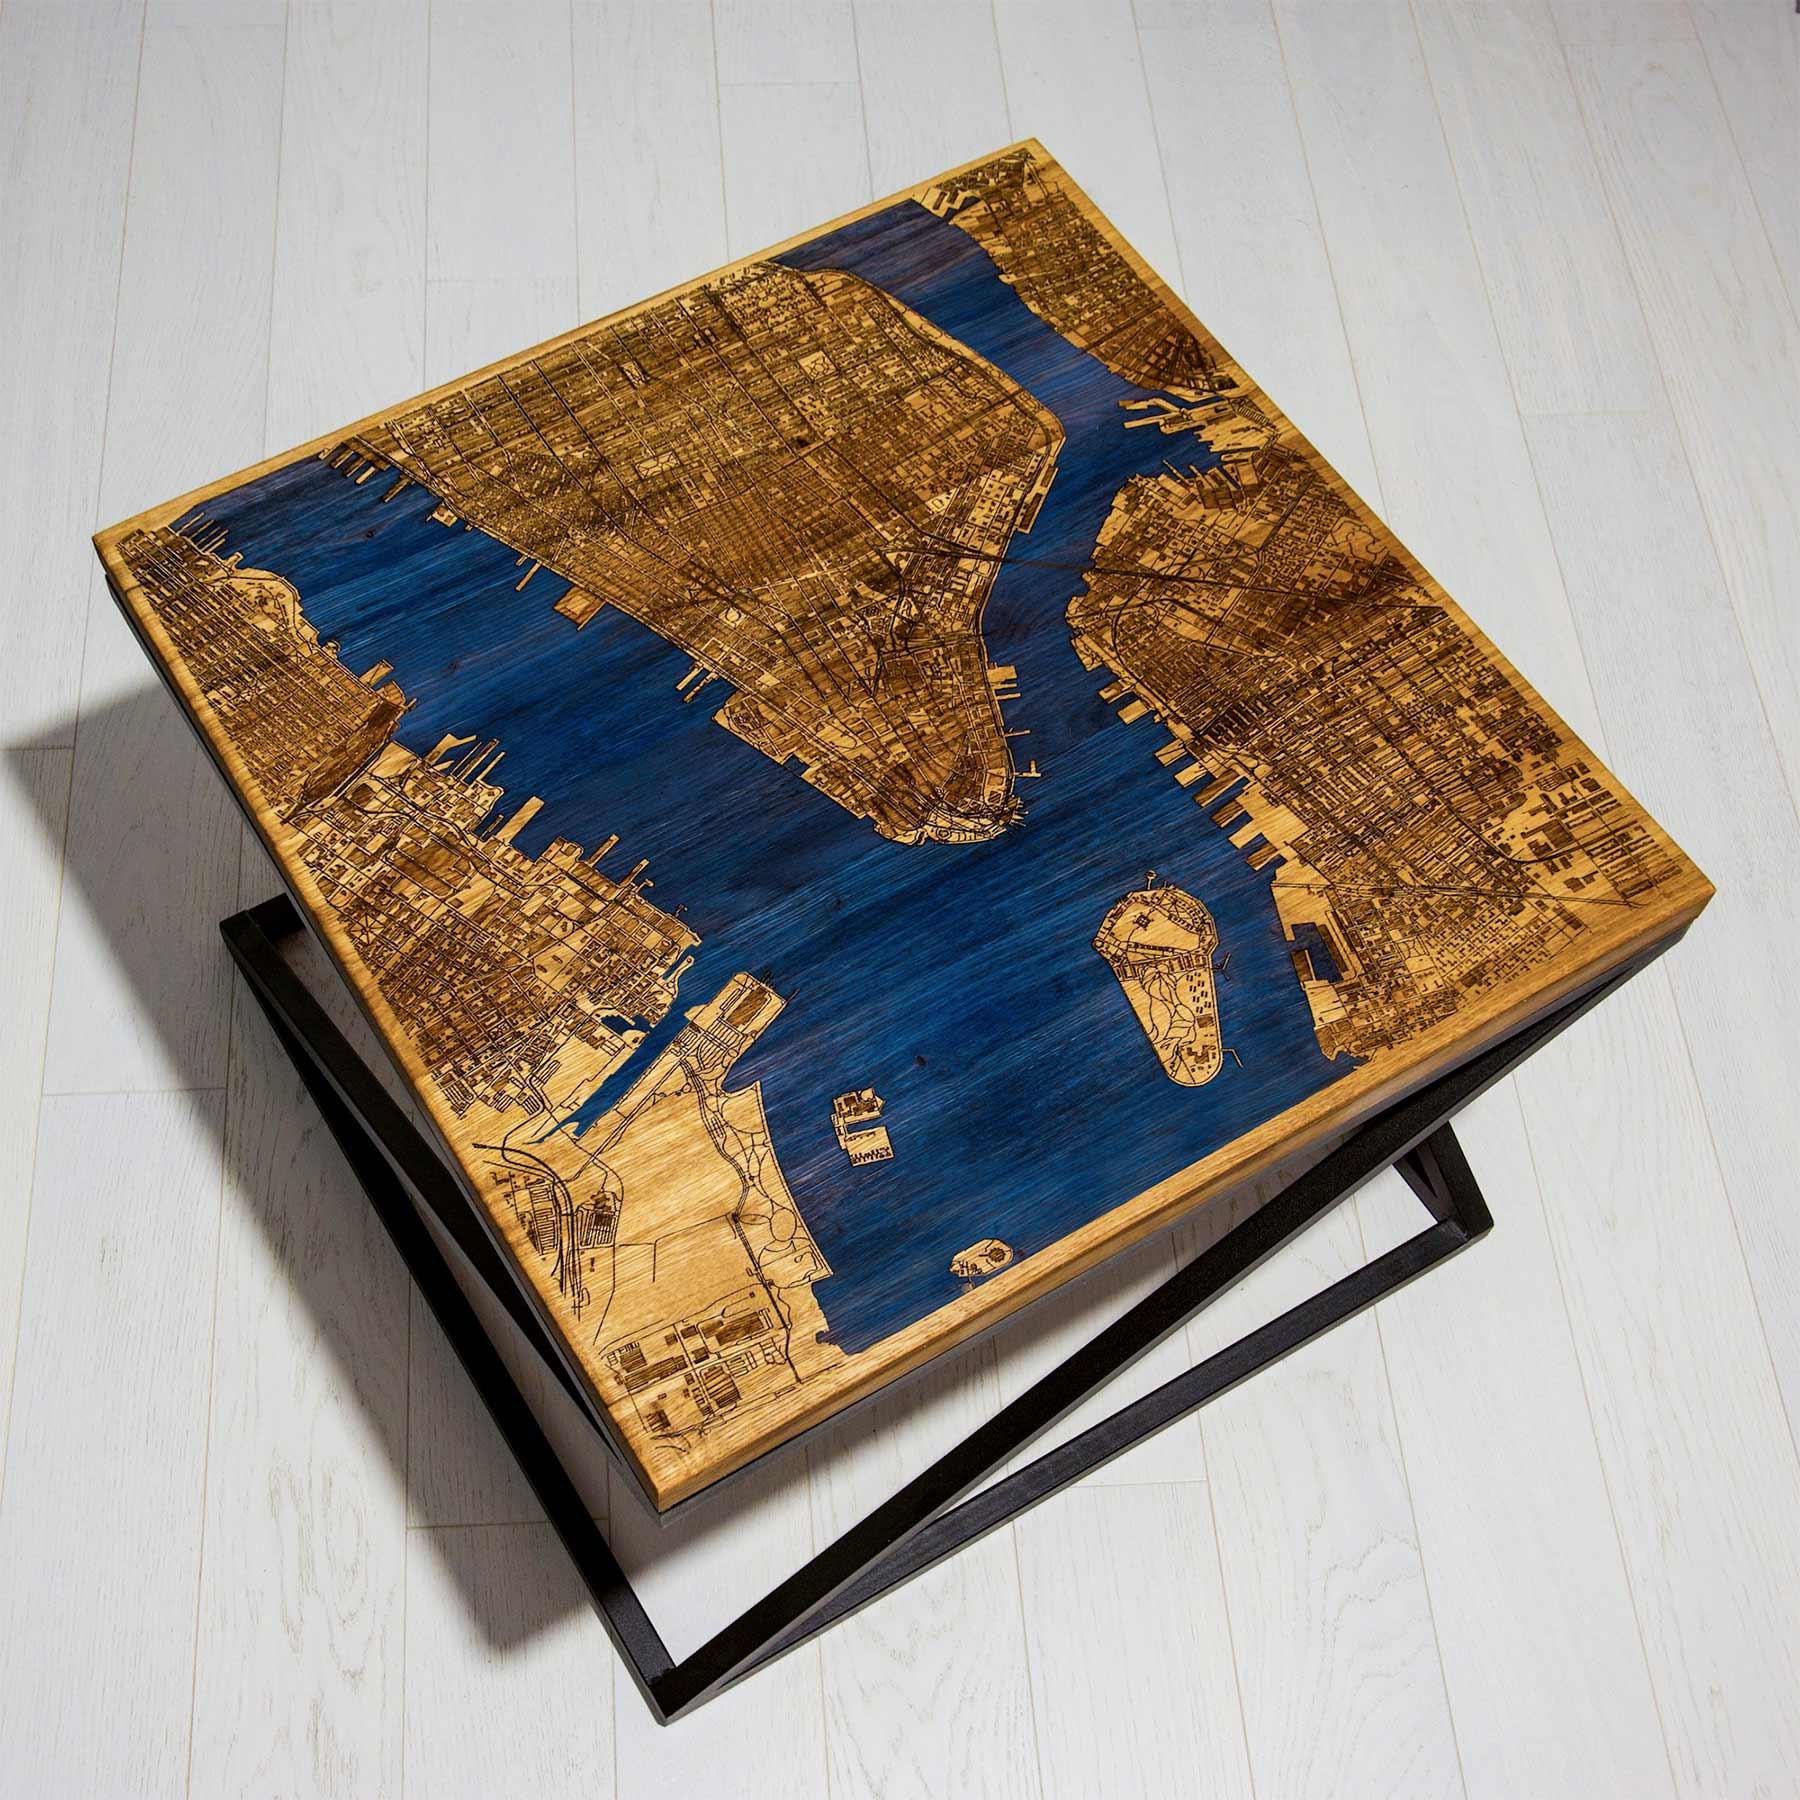 Tische mit eingravierten Stadtkarten Tische-mit-gravierten-stadtkarten_03